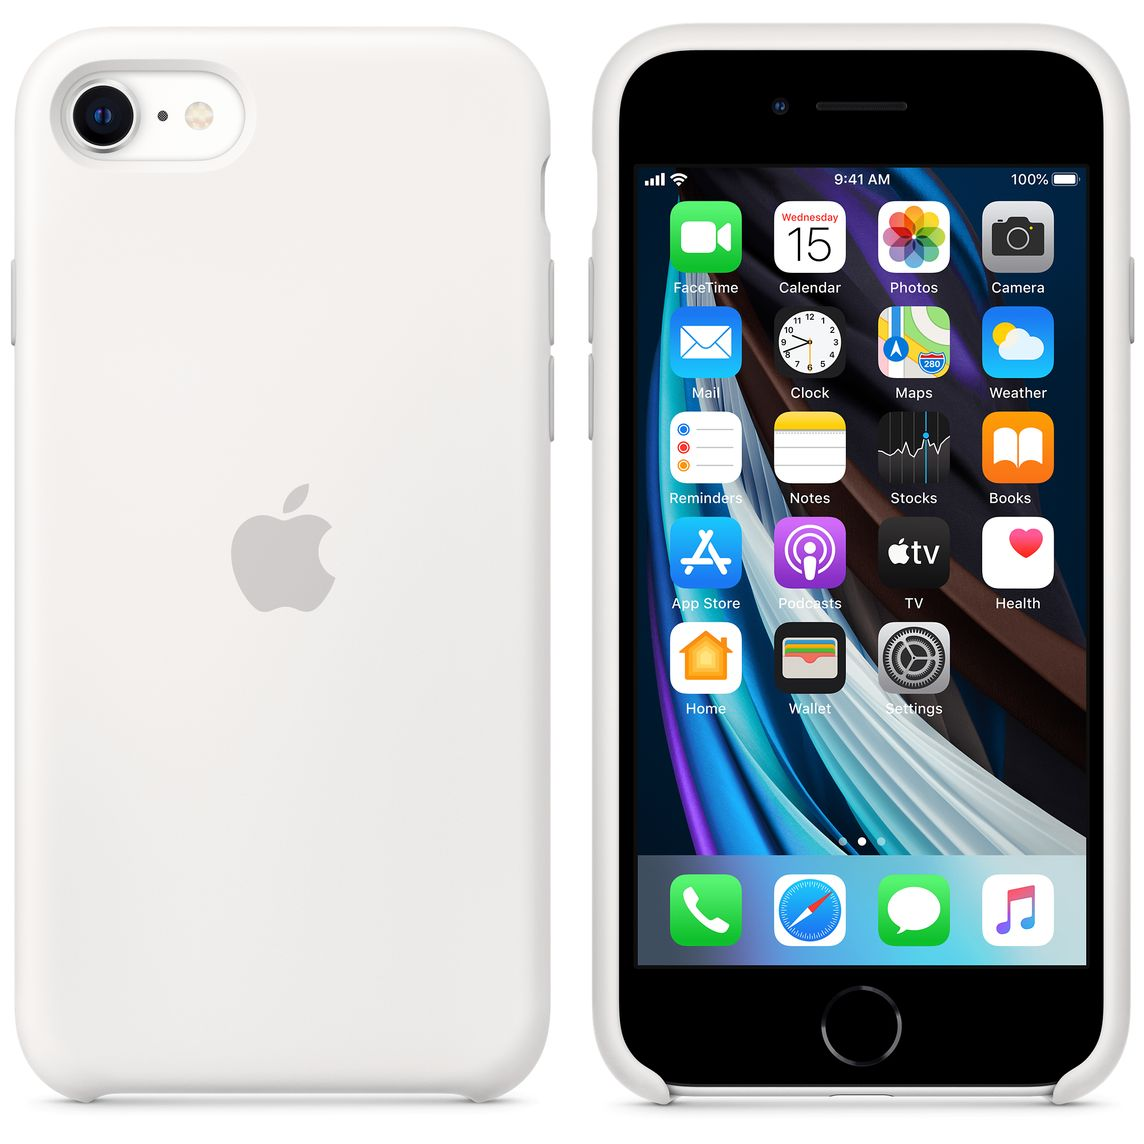 Custodia in silicone per iPhone SE - Bianco